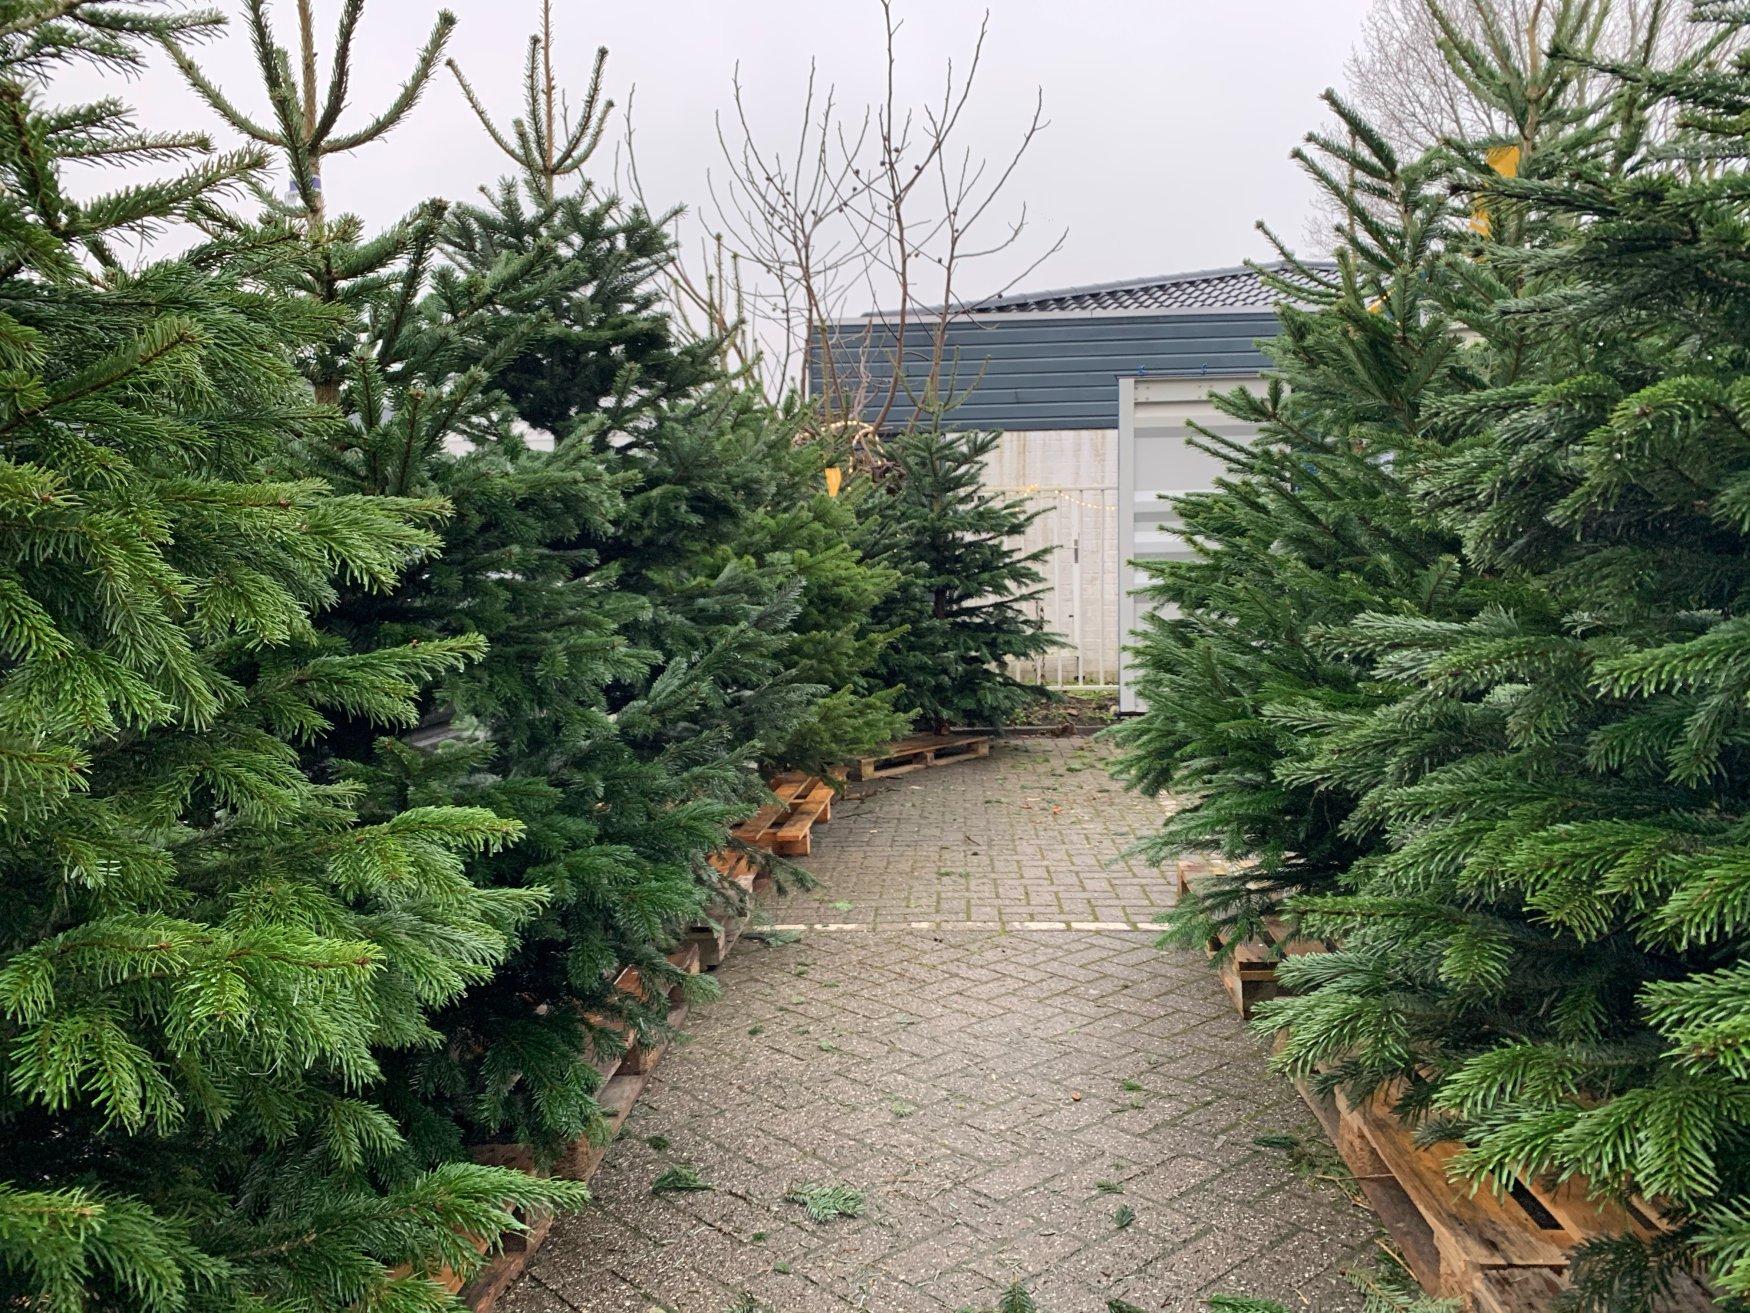 Dierenspeciaalzaak Koko kerstbomen 2020 01